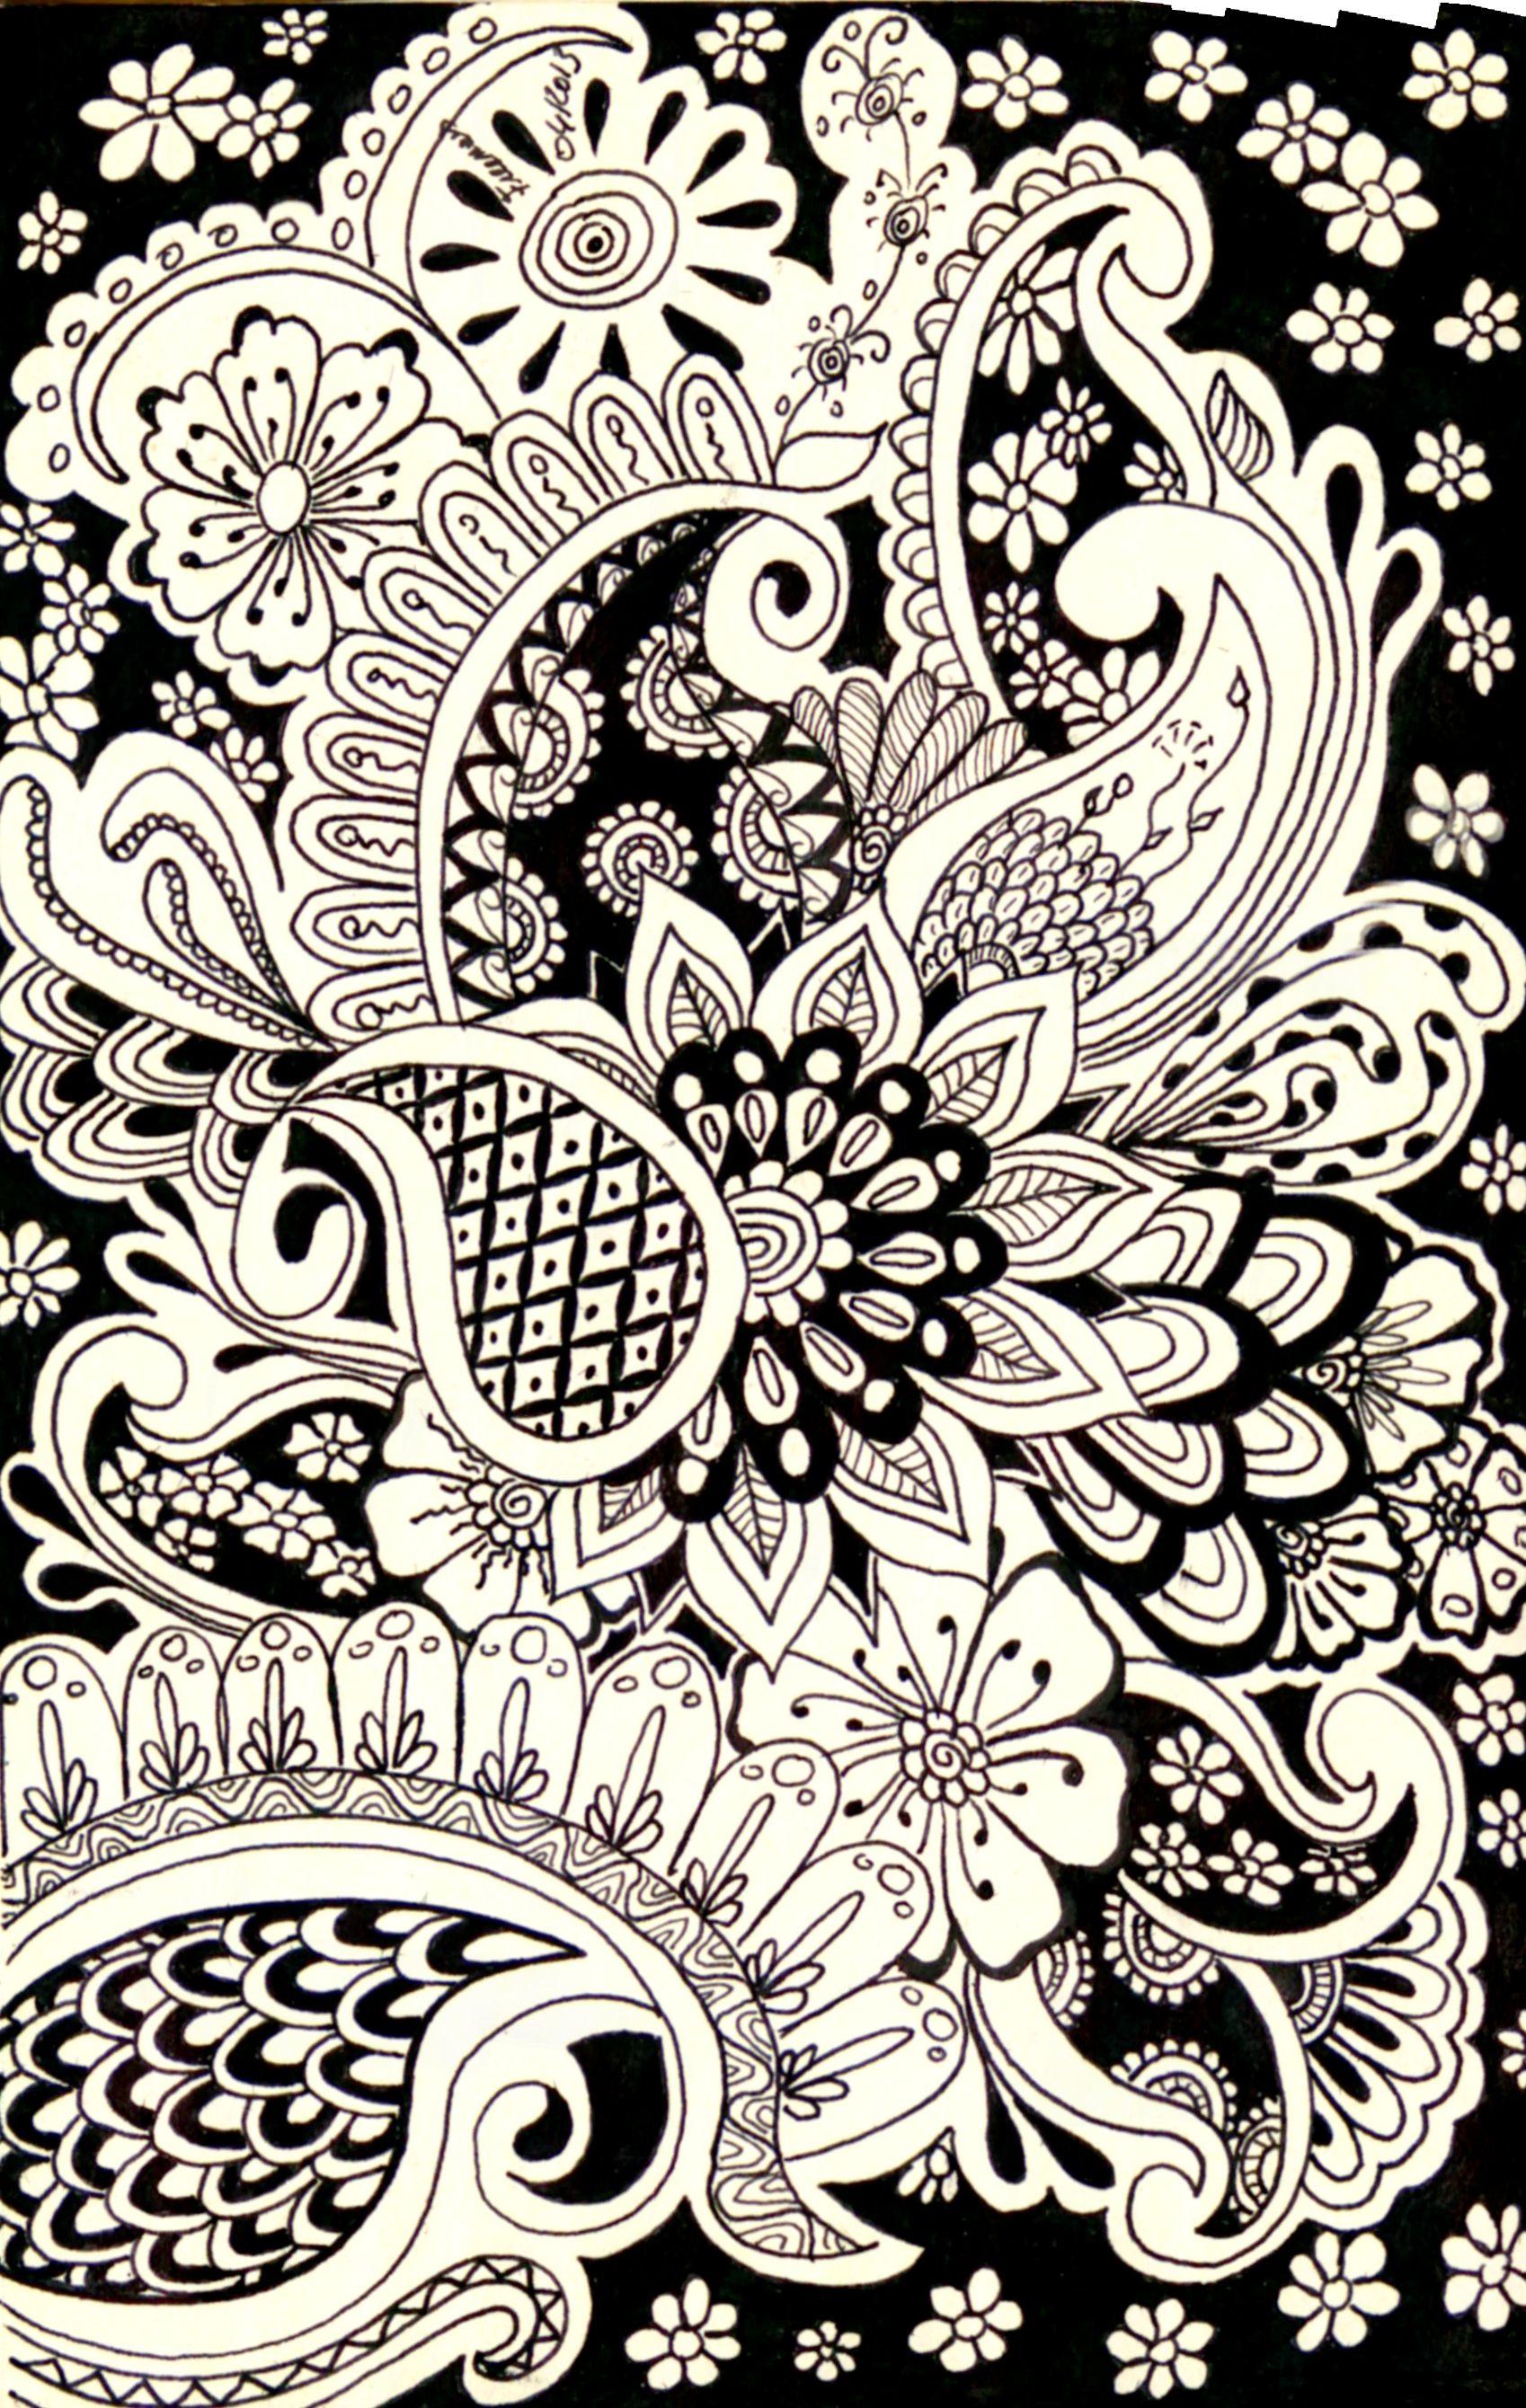 Monochrome paisley patterns pinterest patterns zen - Doodle dessin ...